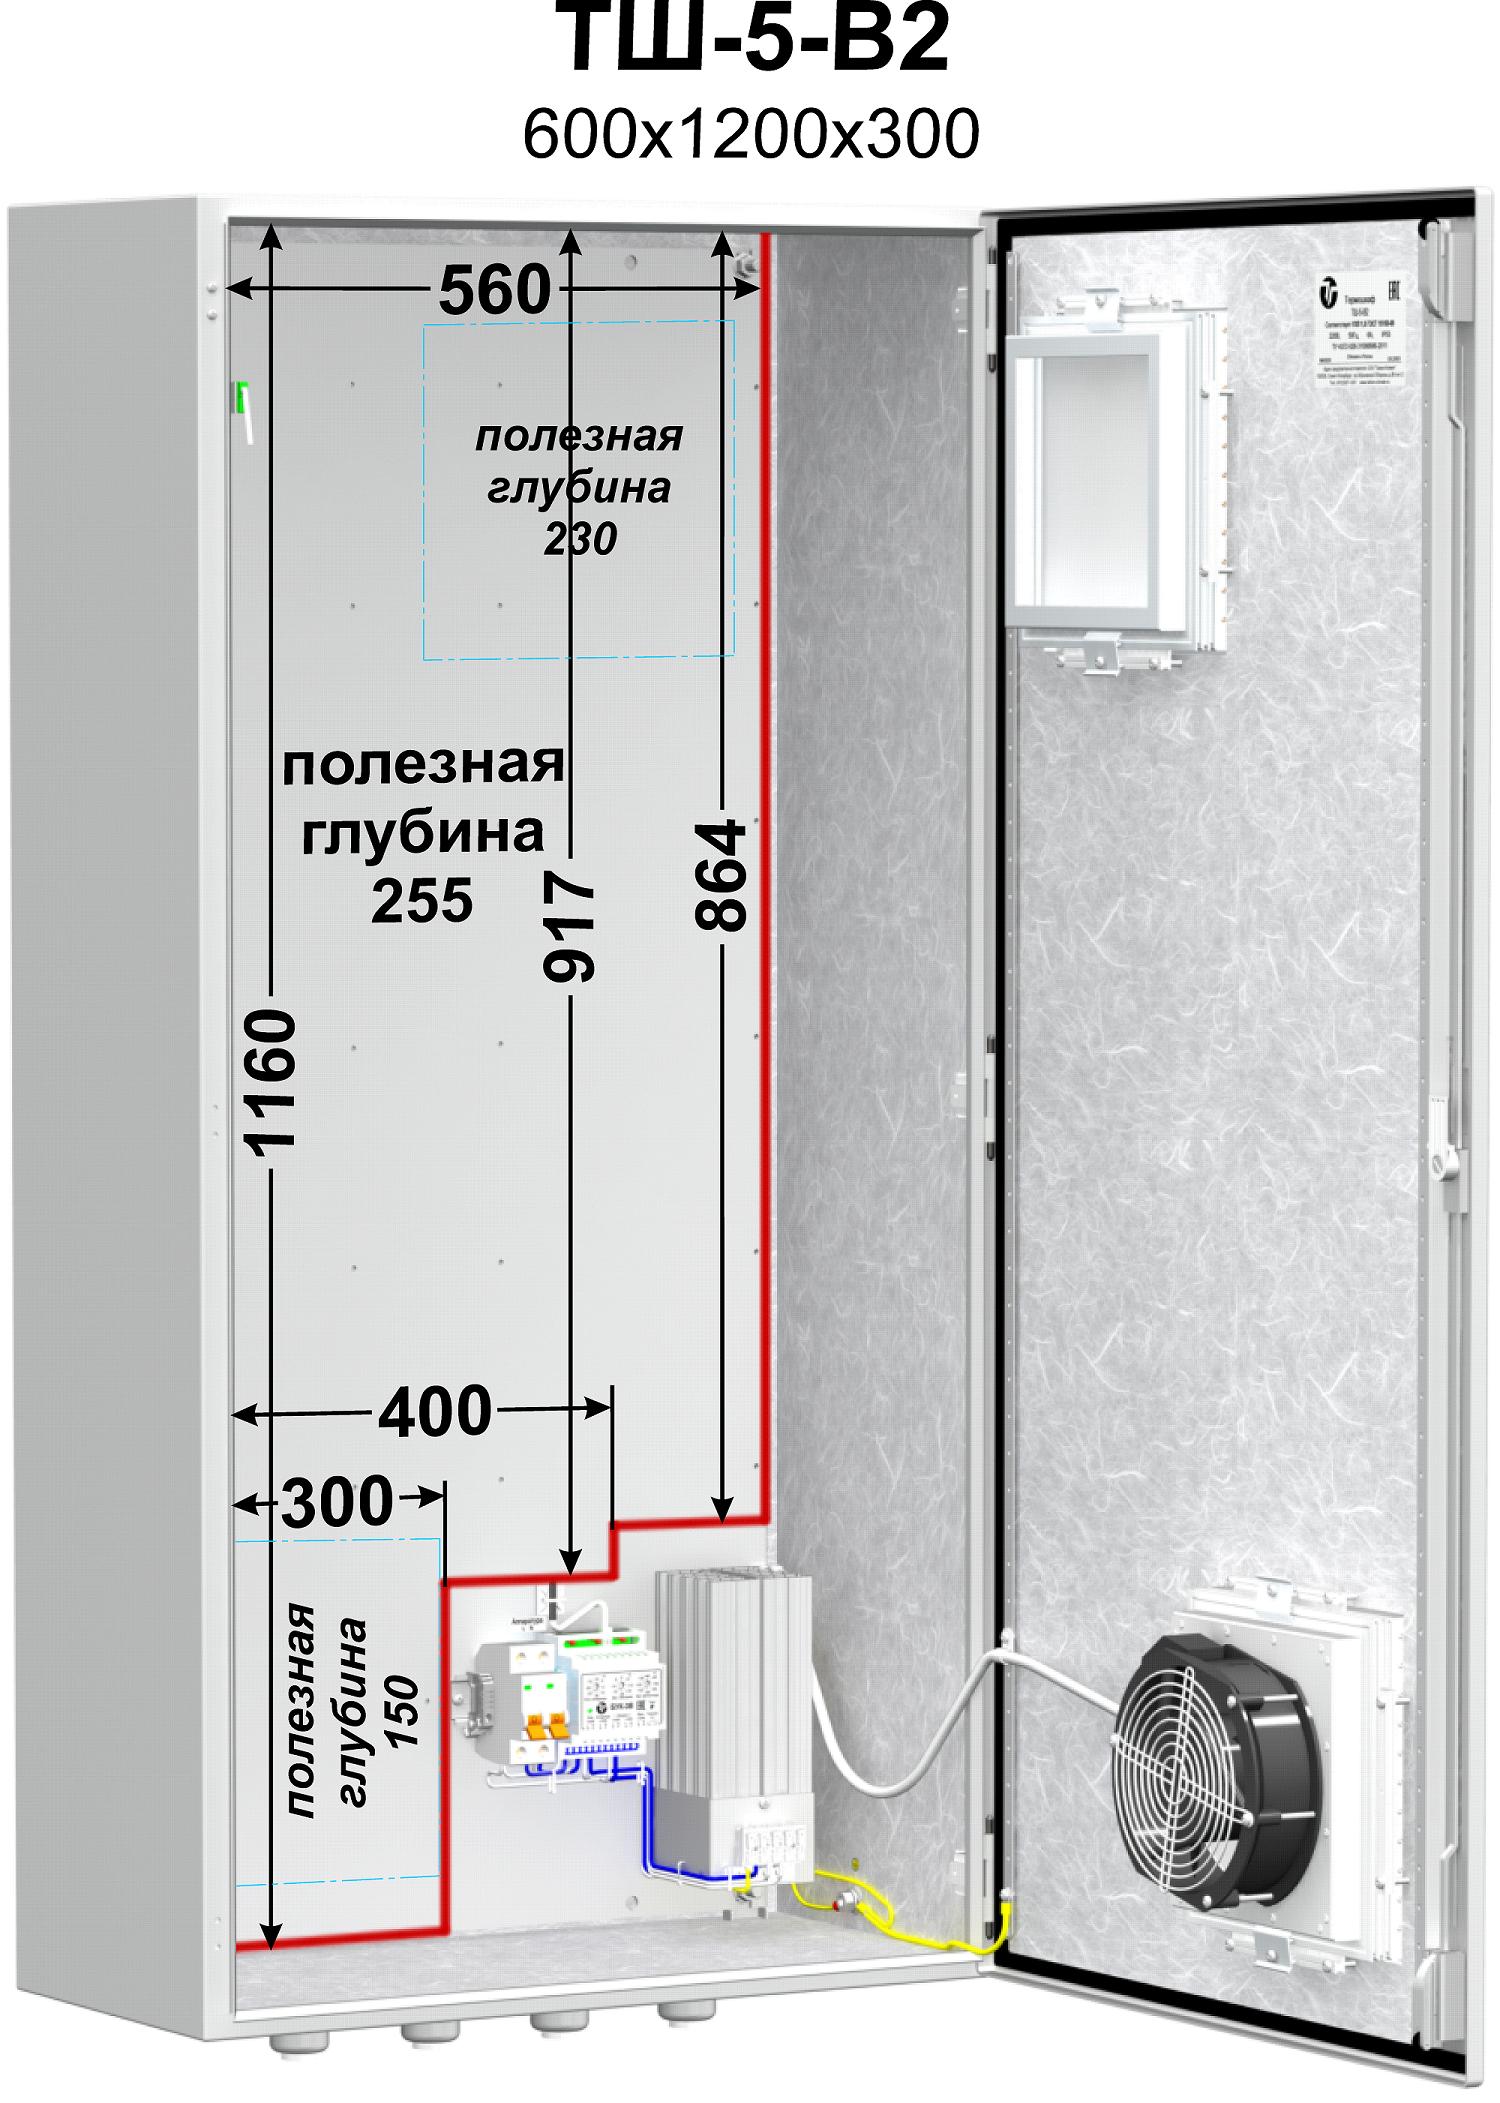 Термошкаф (600х1200х300мм, -50°С) ТШ-5-В2 22